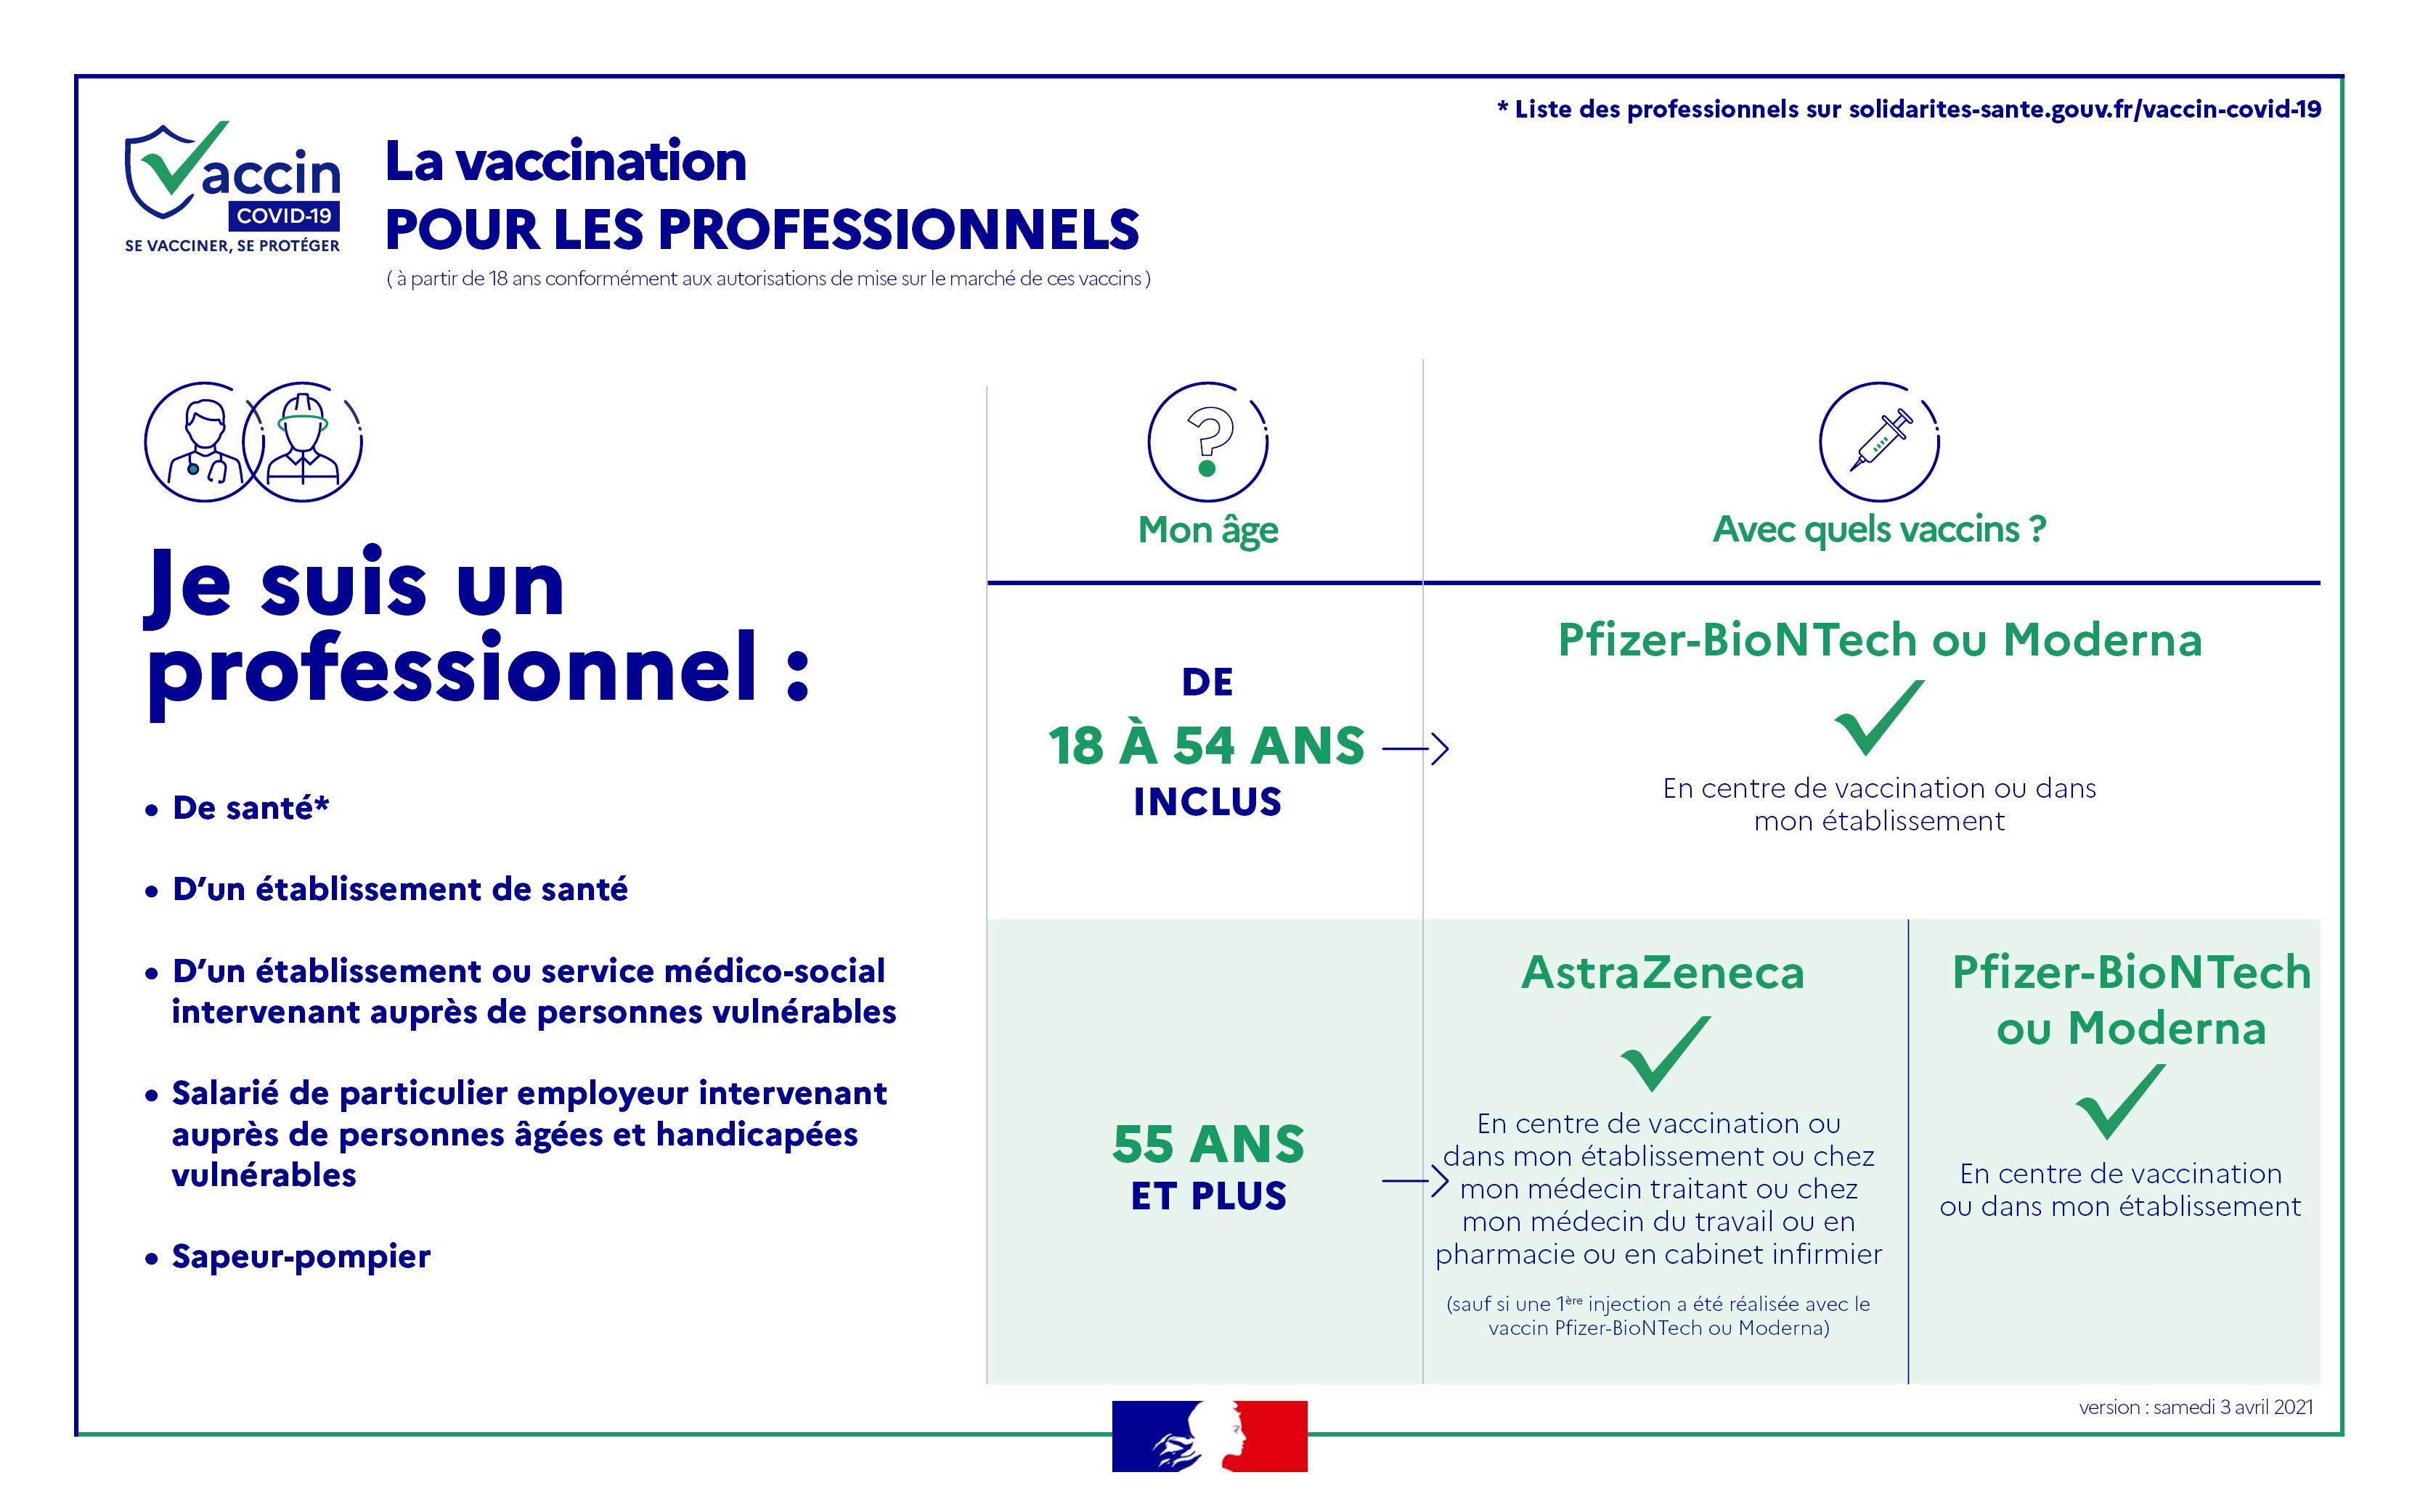 vaccination professionnels de santé